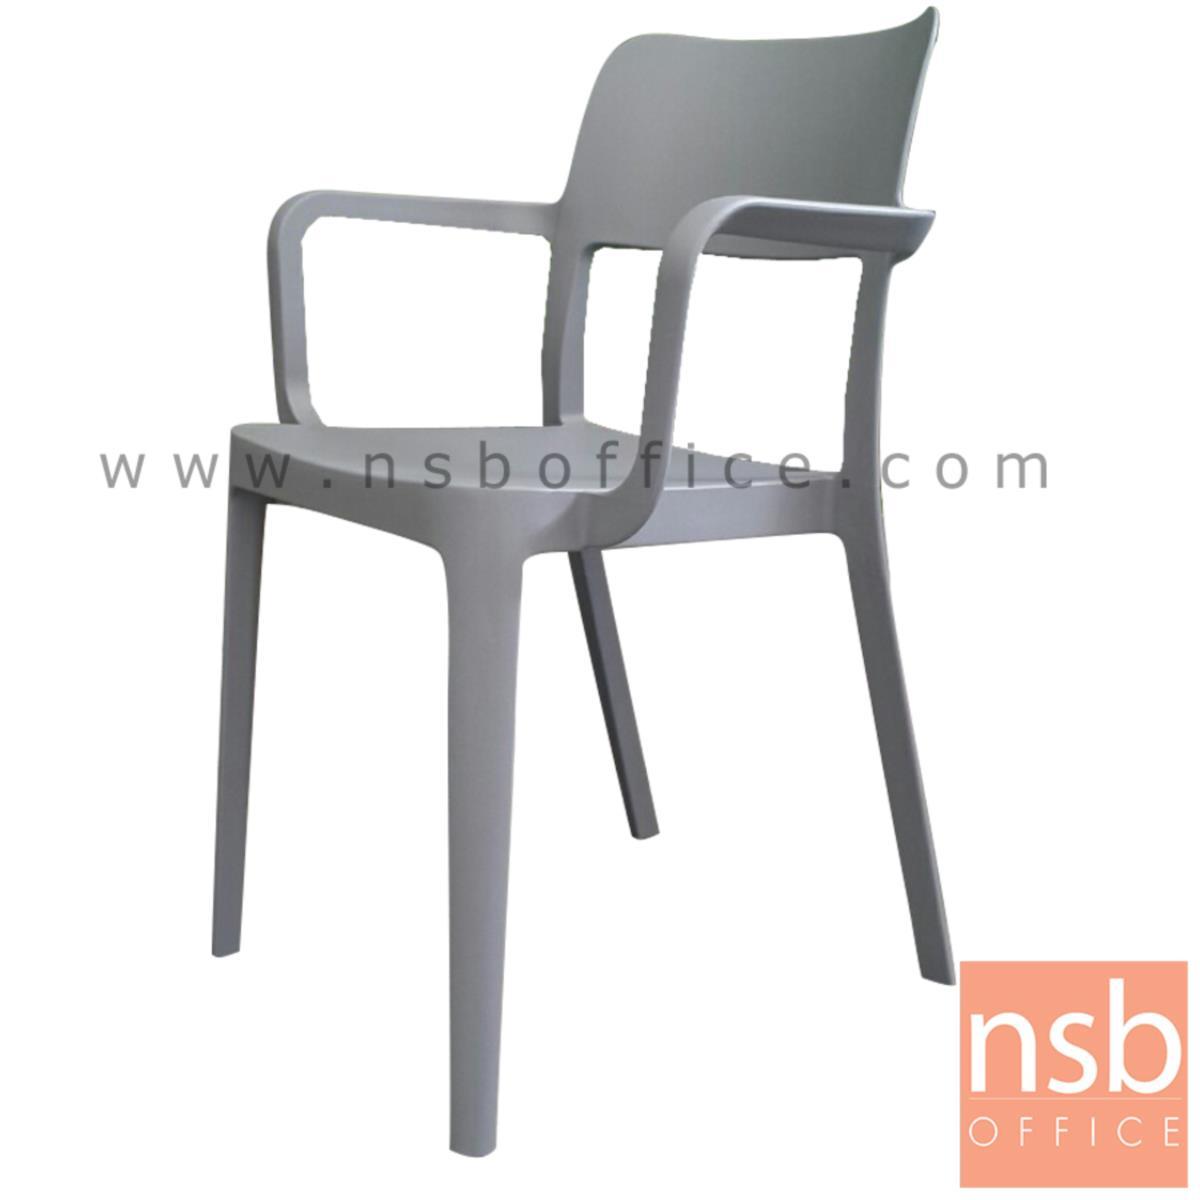 B11A043:เก้าอี้พลาสติกโมเดิร์น รุ่น Nike (ไนกี้)  มีที่้ท้าวแขน